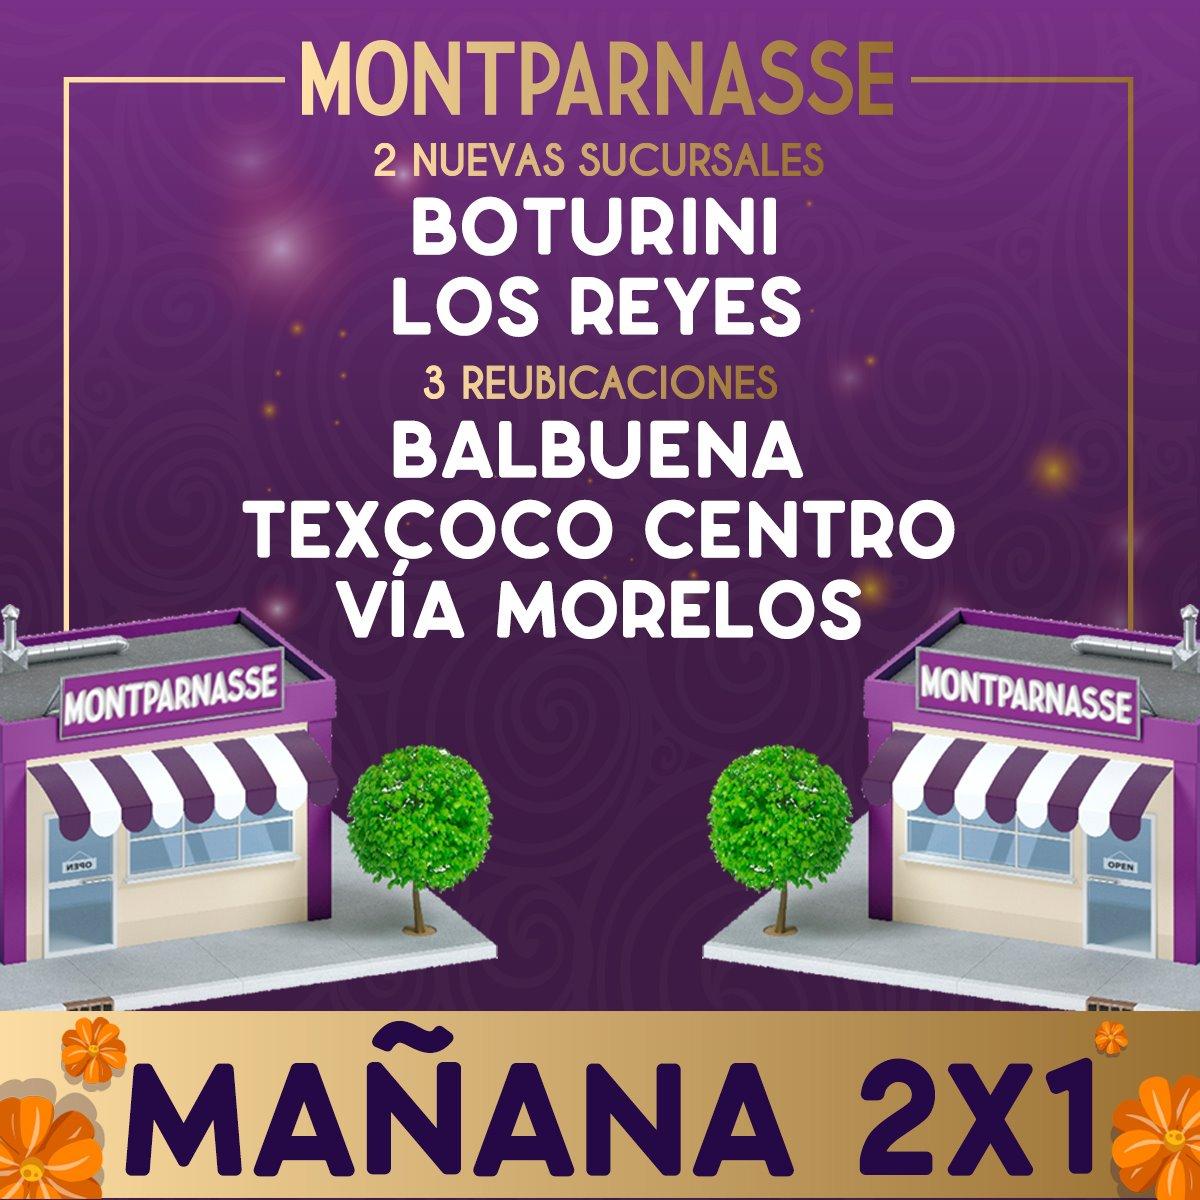 Montparnasse Pastelería: Hoy 2x1 En Nuevas Sucursales